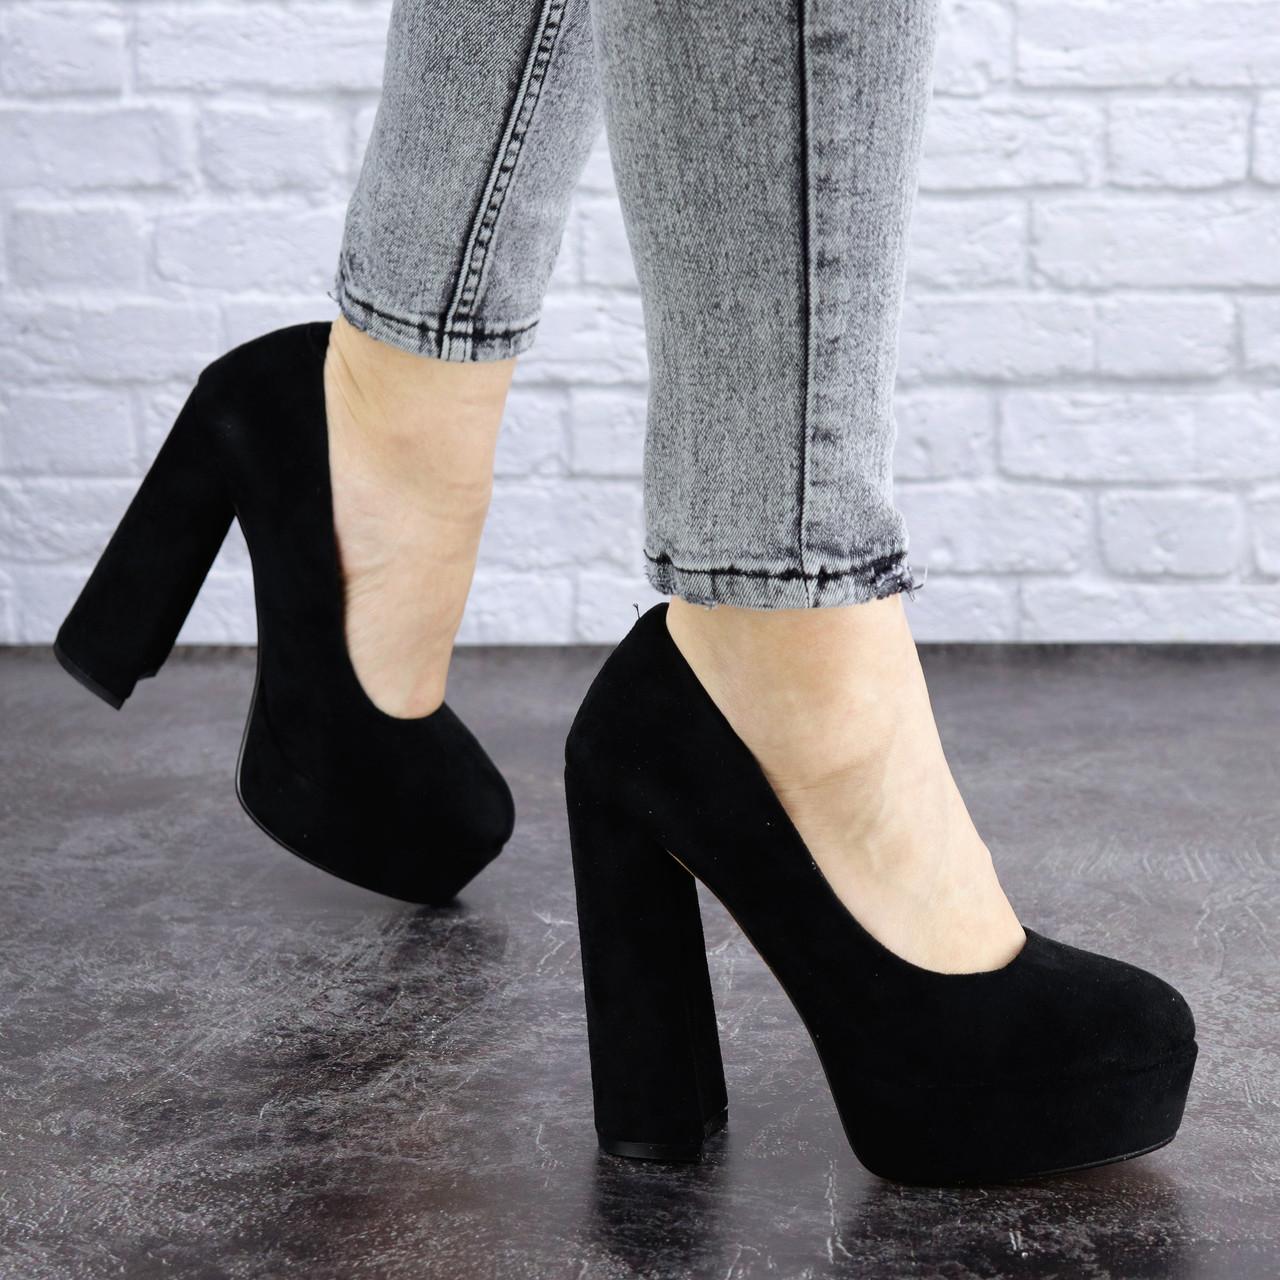 Туфлі жіночі на високому підборі Fashion Night 1381 40 розмір 25,5 см Чорний